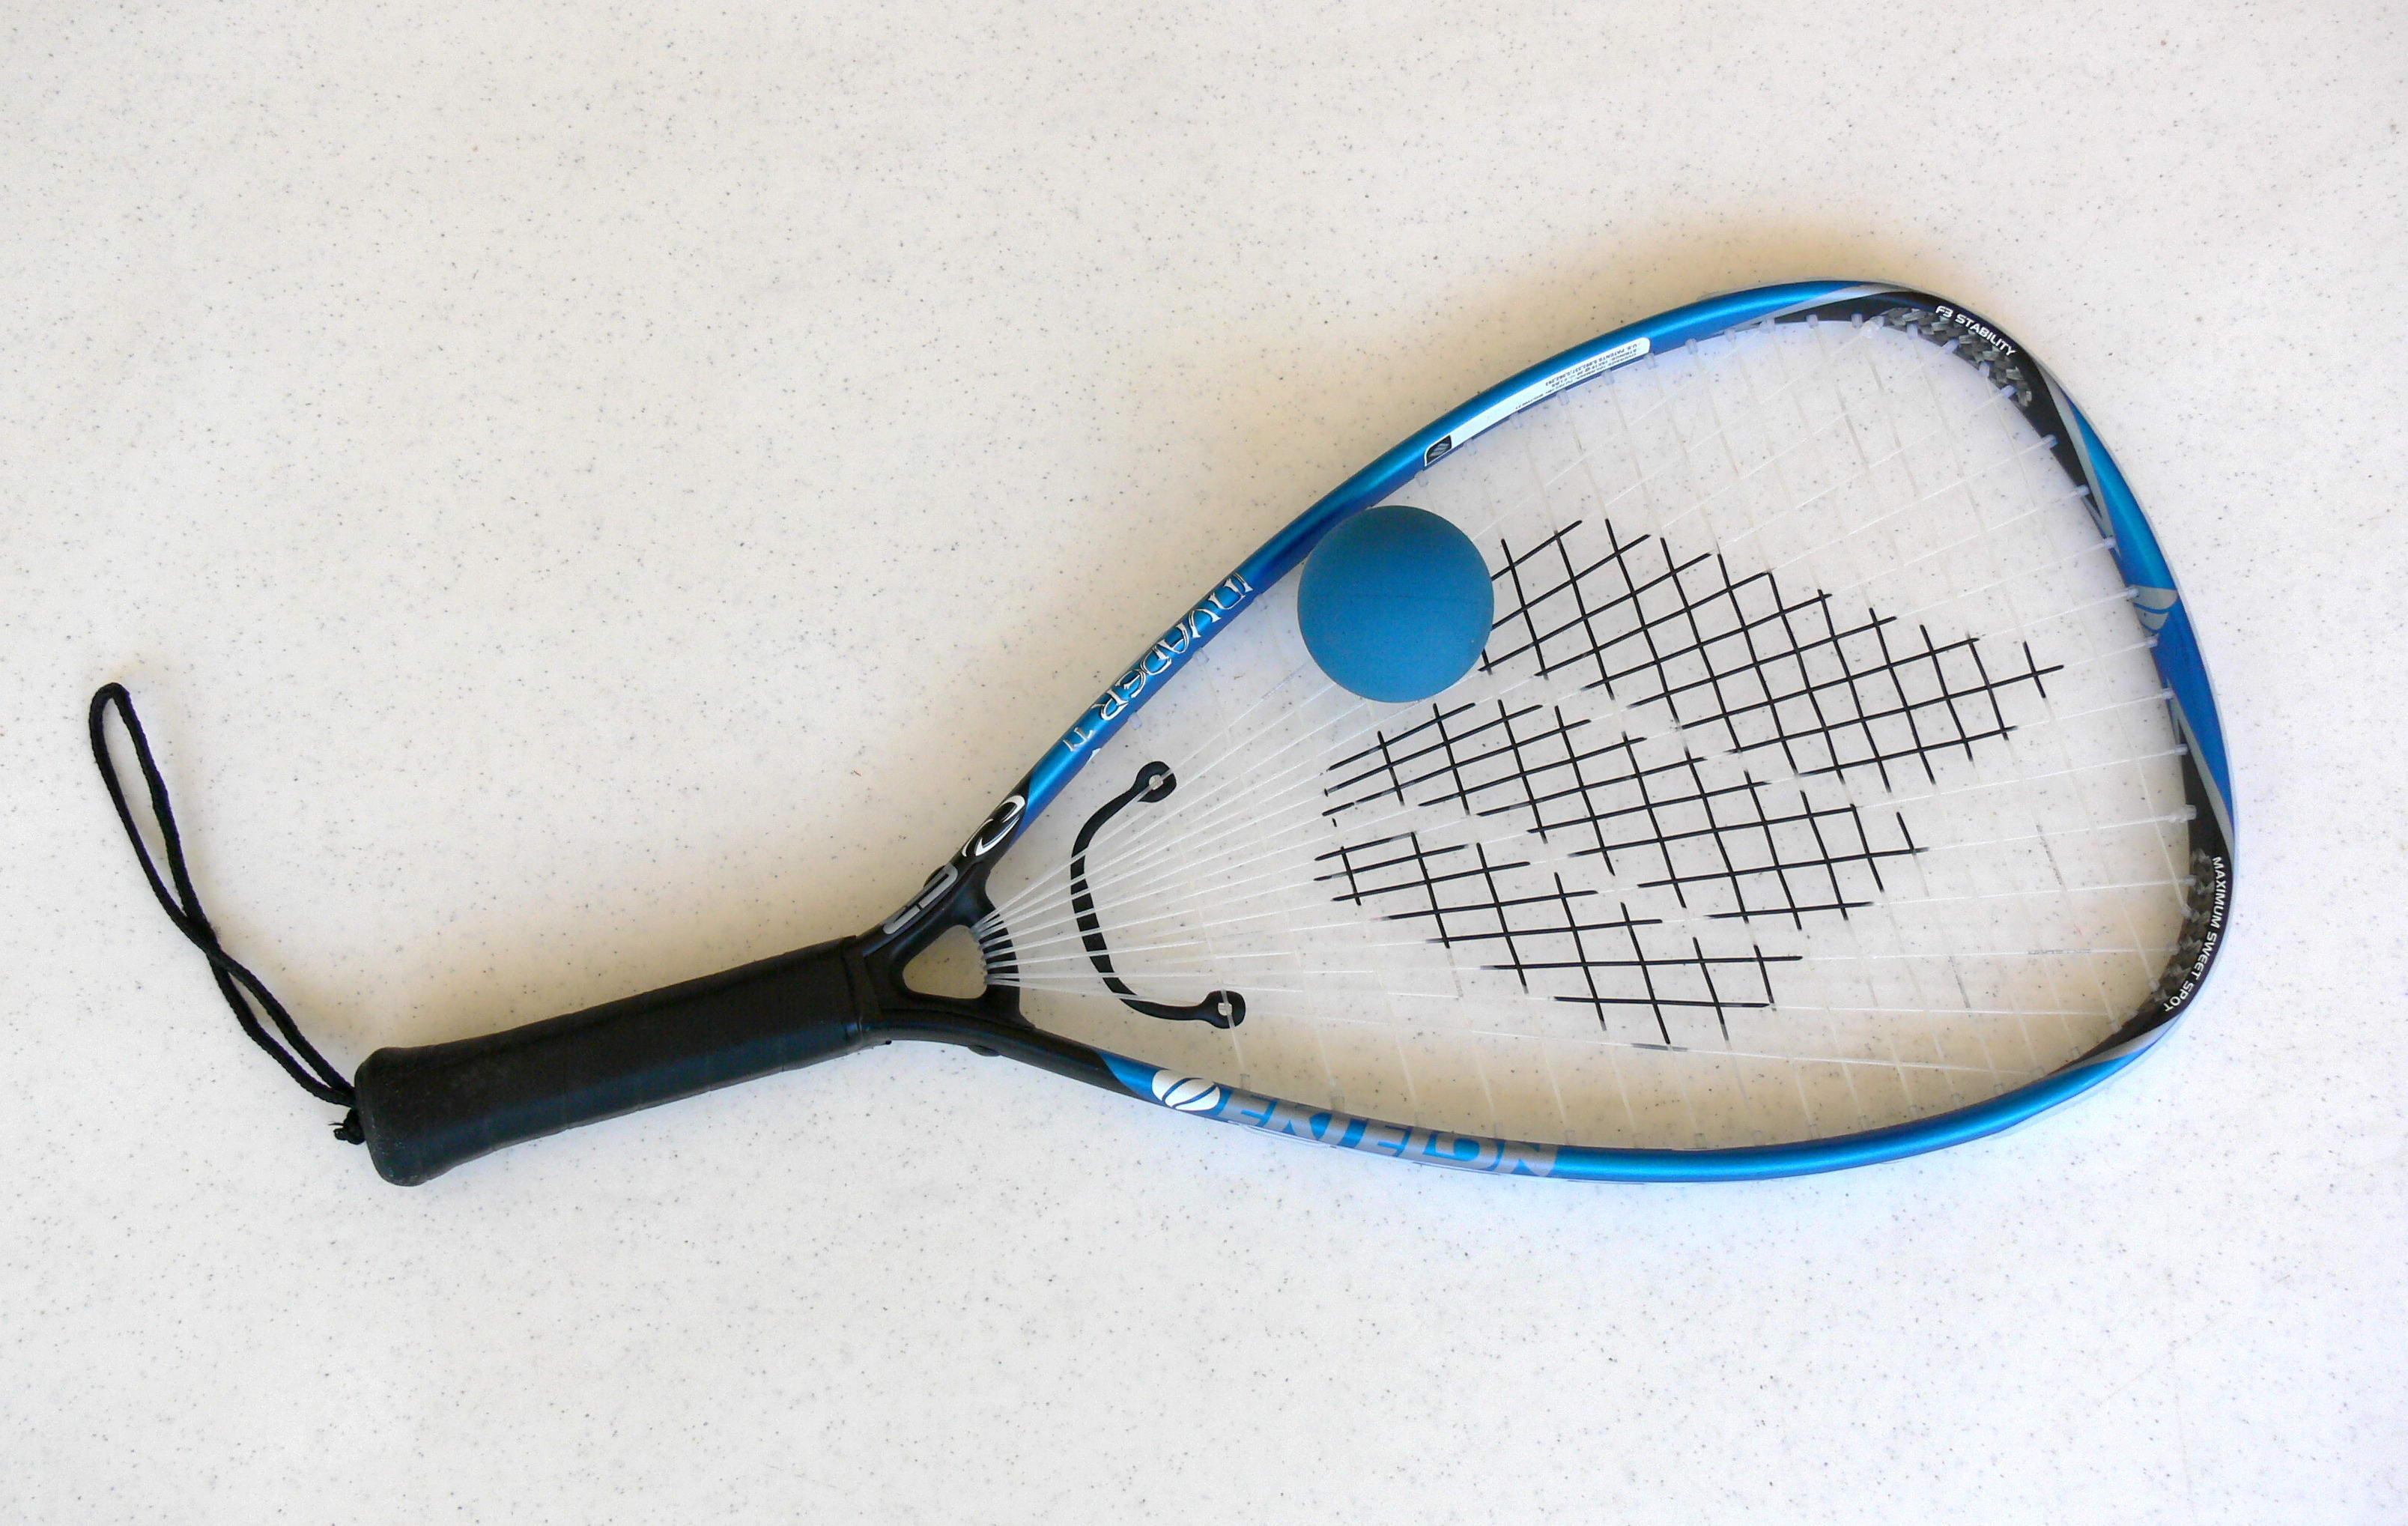 Resultado de imagen para raquetbol pelota y raqueta